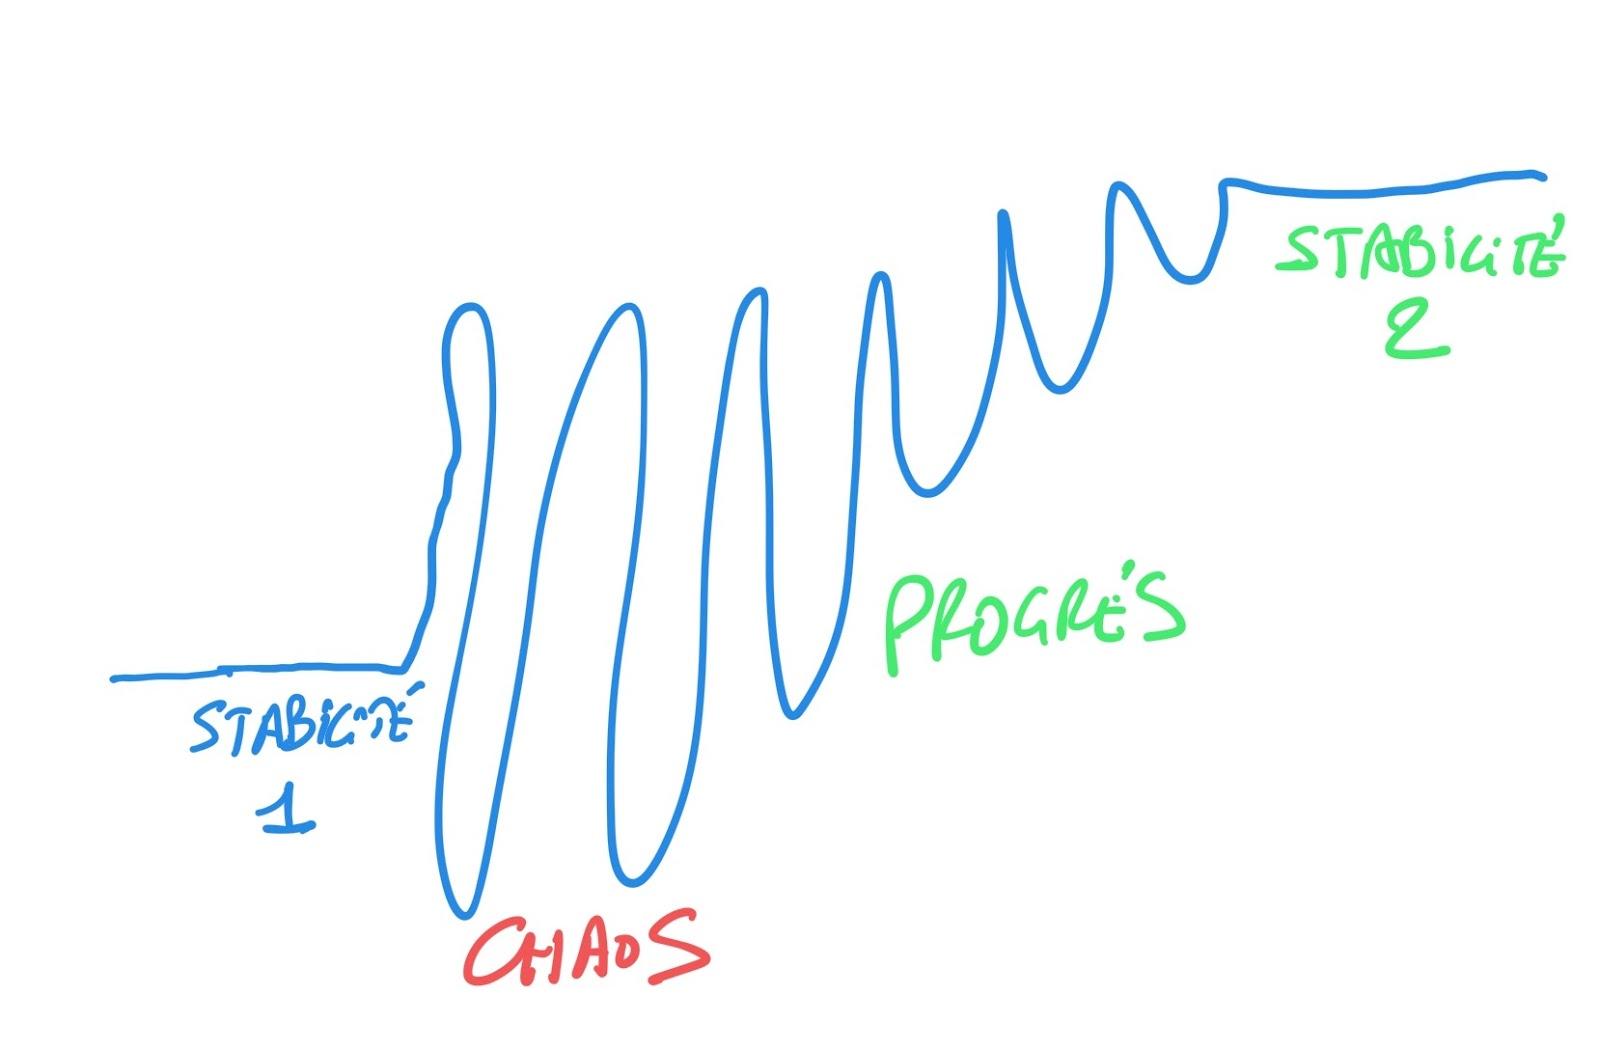 Durant une crise, toute organisation peut progresser puisqu'elle apprend. Le chaos fait ponctuellement baisser la performance, mais elle remonte ensuite très vite pour arriver à une nouvelle stabilité.